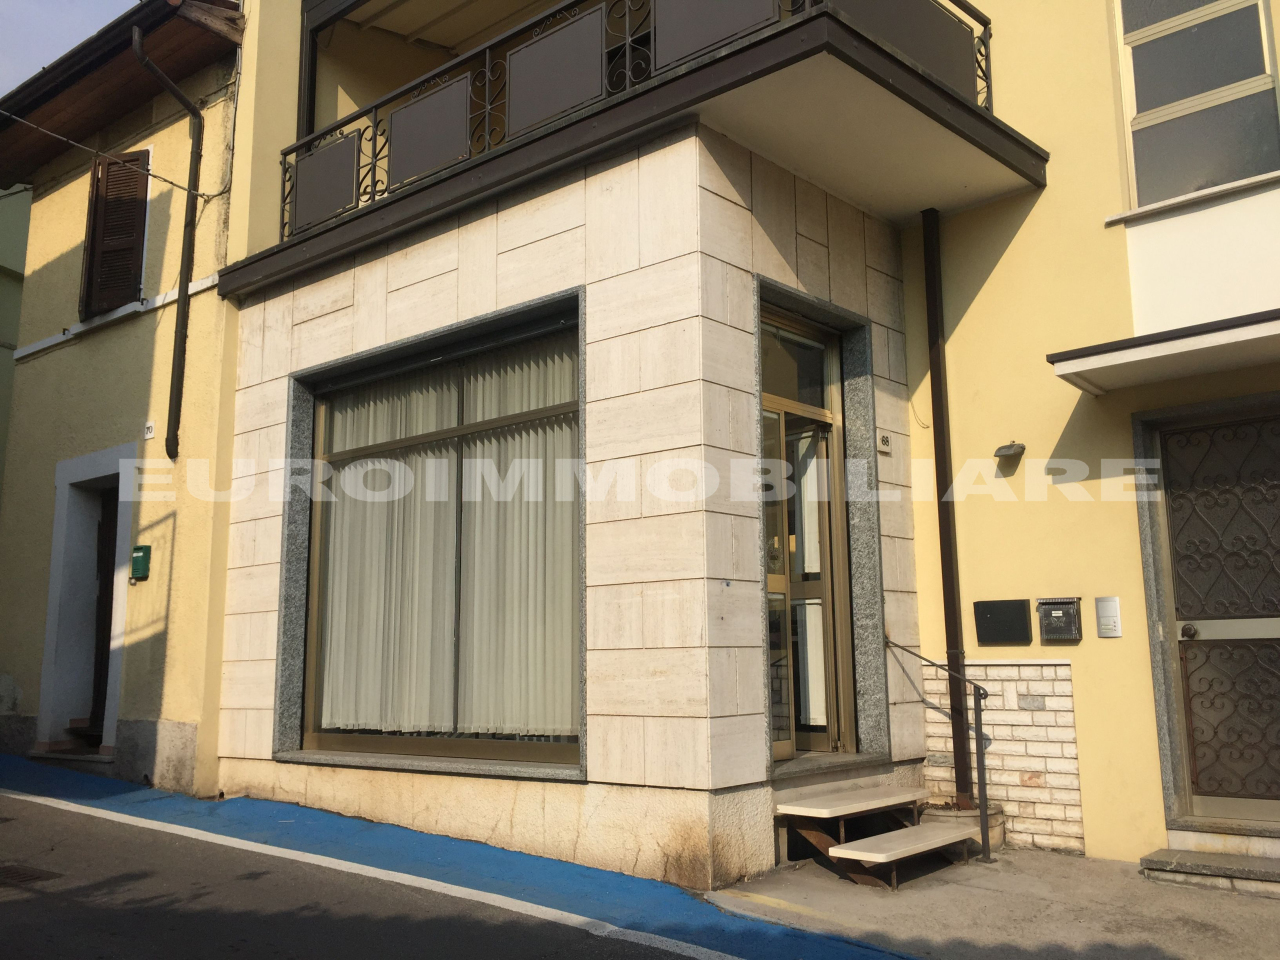 Negozio / Locale in affitto a Botticino, 1 locali, prezzo € 500 | CambioCasa.it